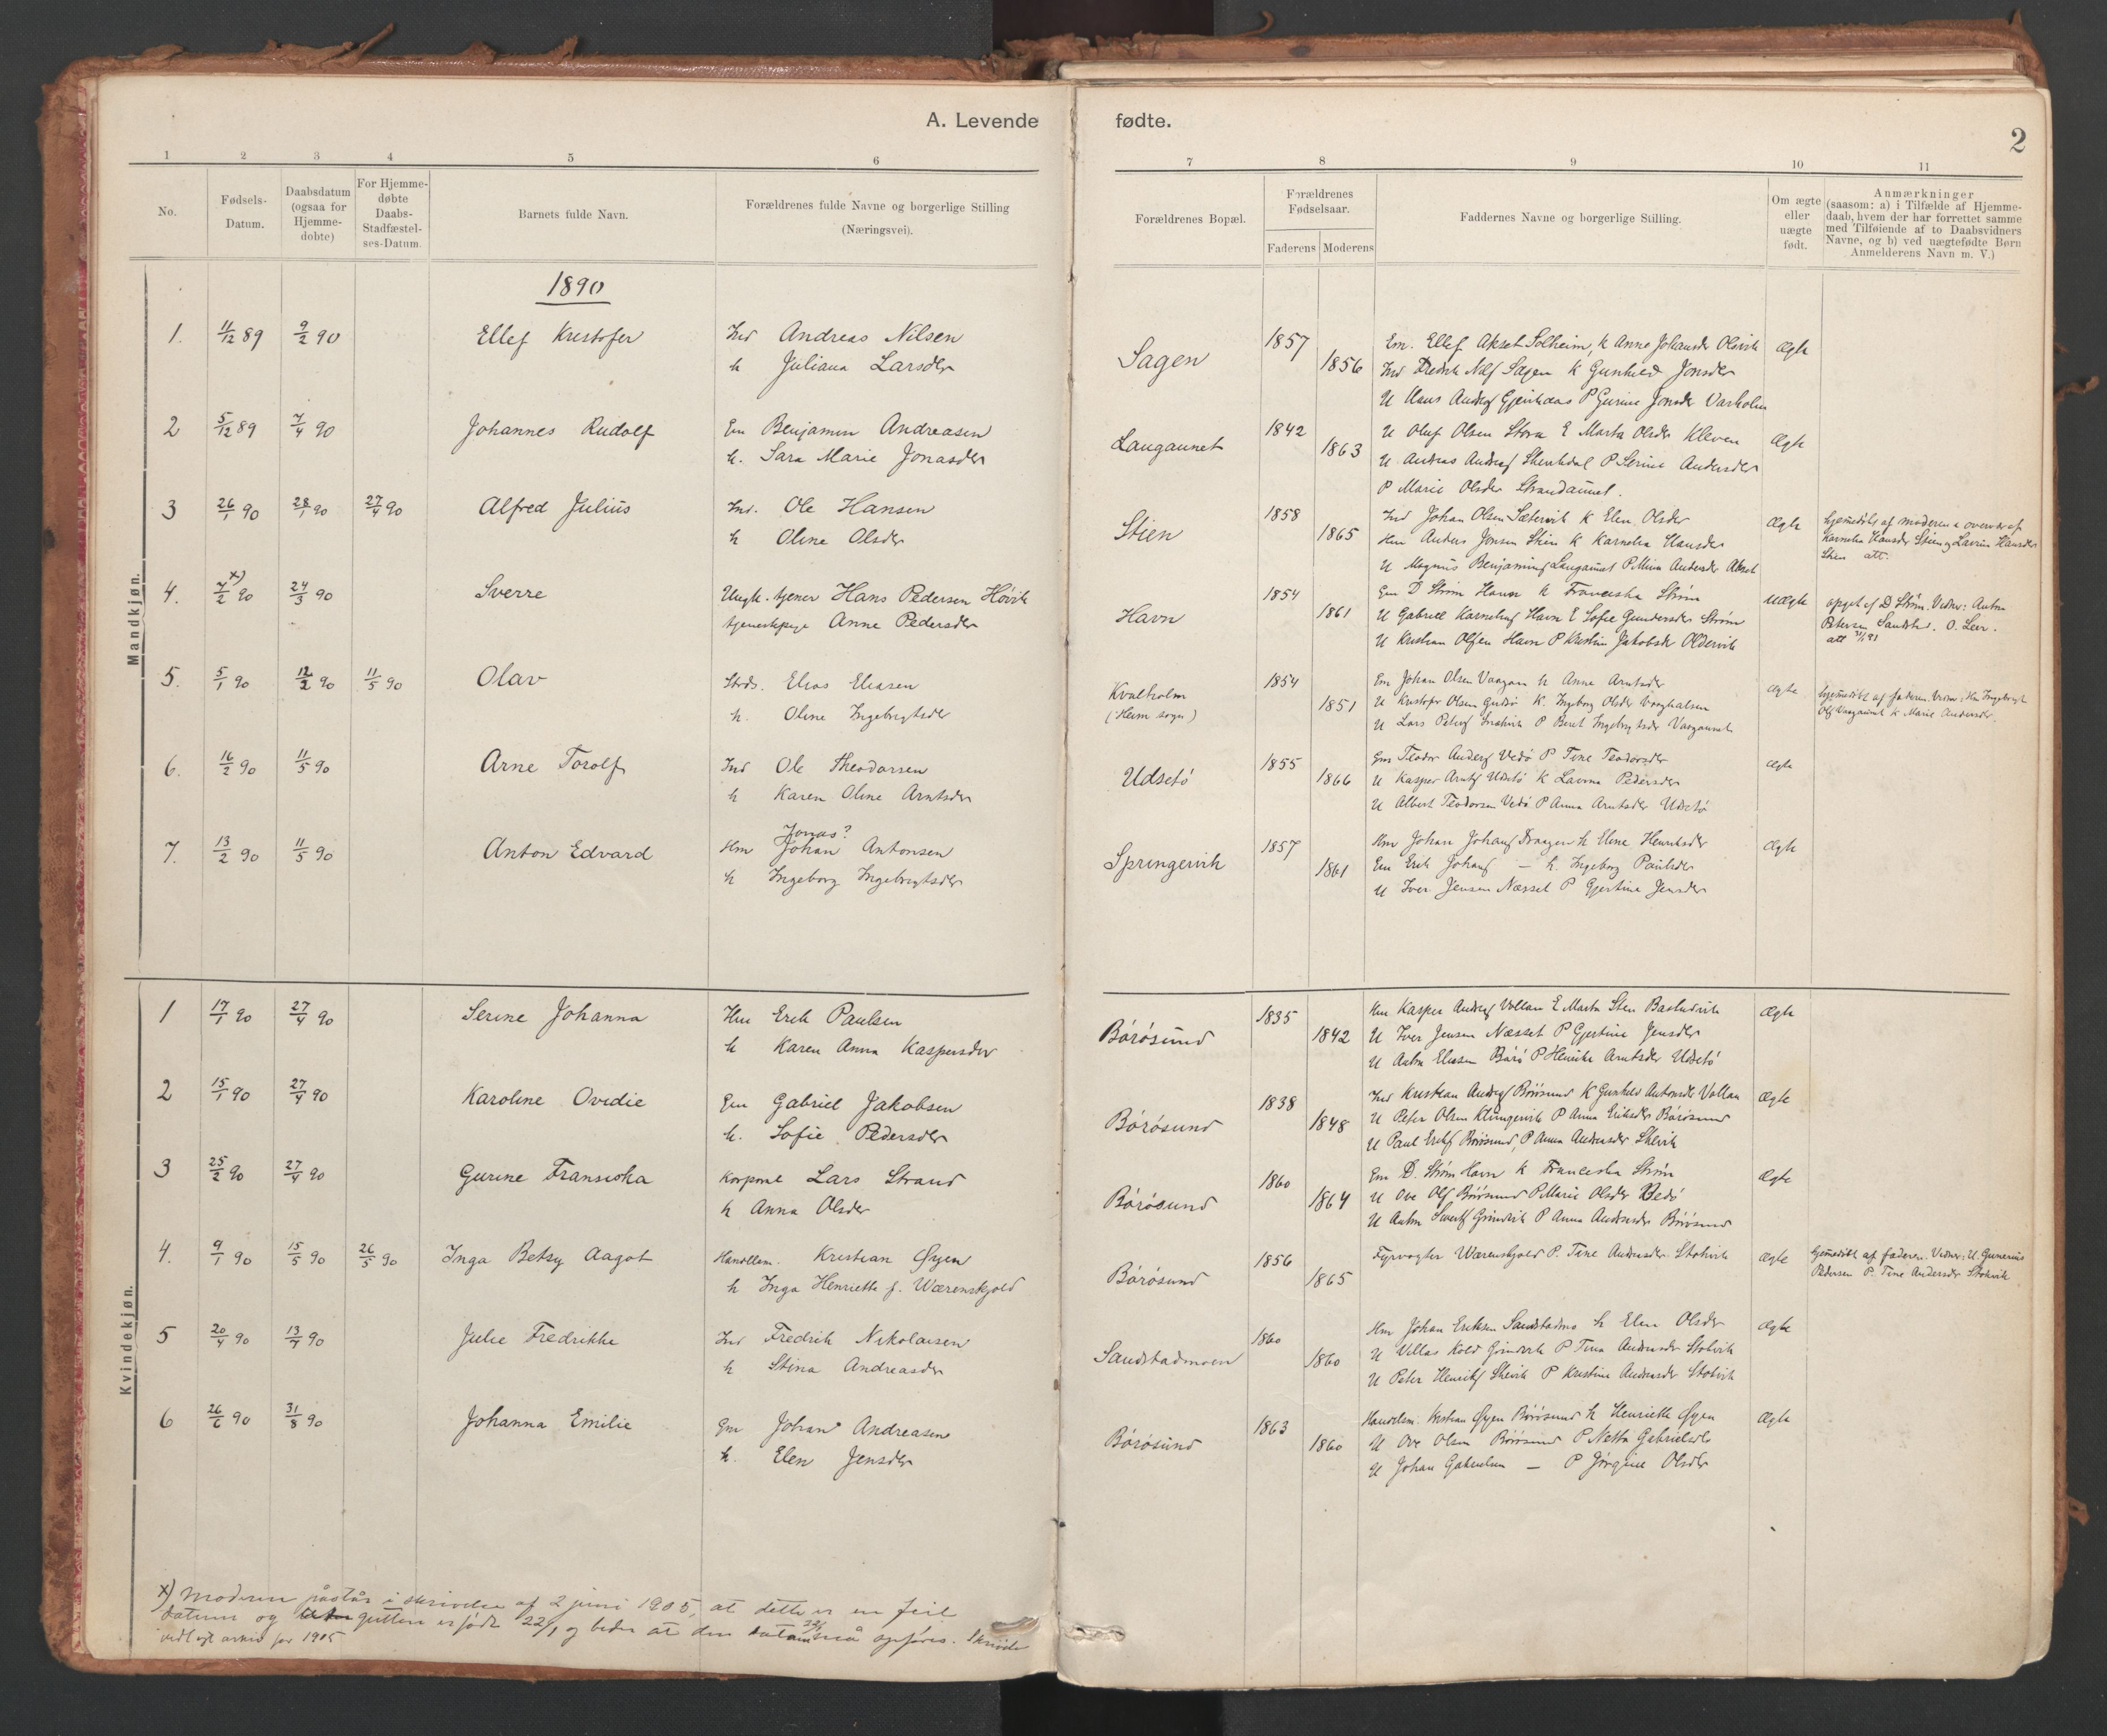 SAT, Ministerialprotokoller, klokkerbøker og fødselsregistre - Sør-Trøndelag, 639/L0572: Ministerialbok nr. 639A01, 1890-1920, s. 2